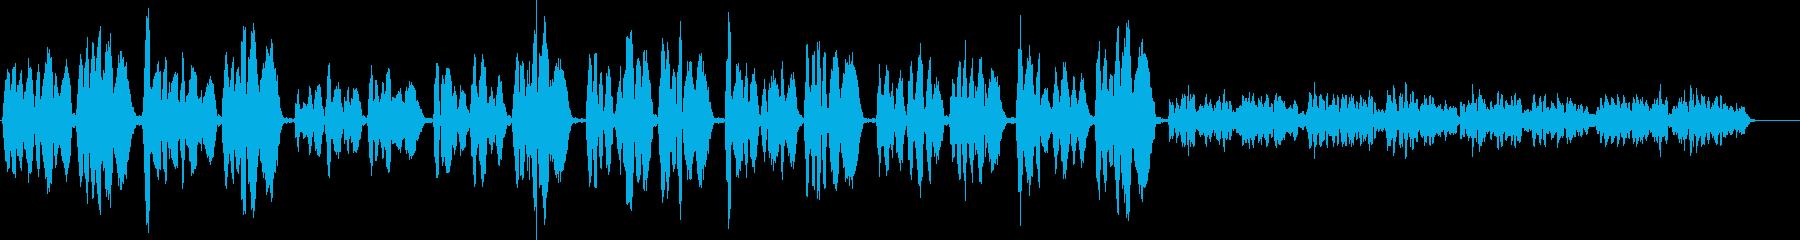 幻想的で落ち着きたい時に聞きたい曲の再生済みの波形